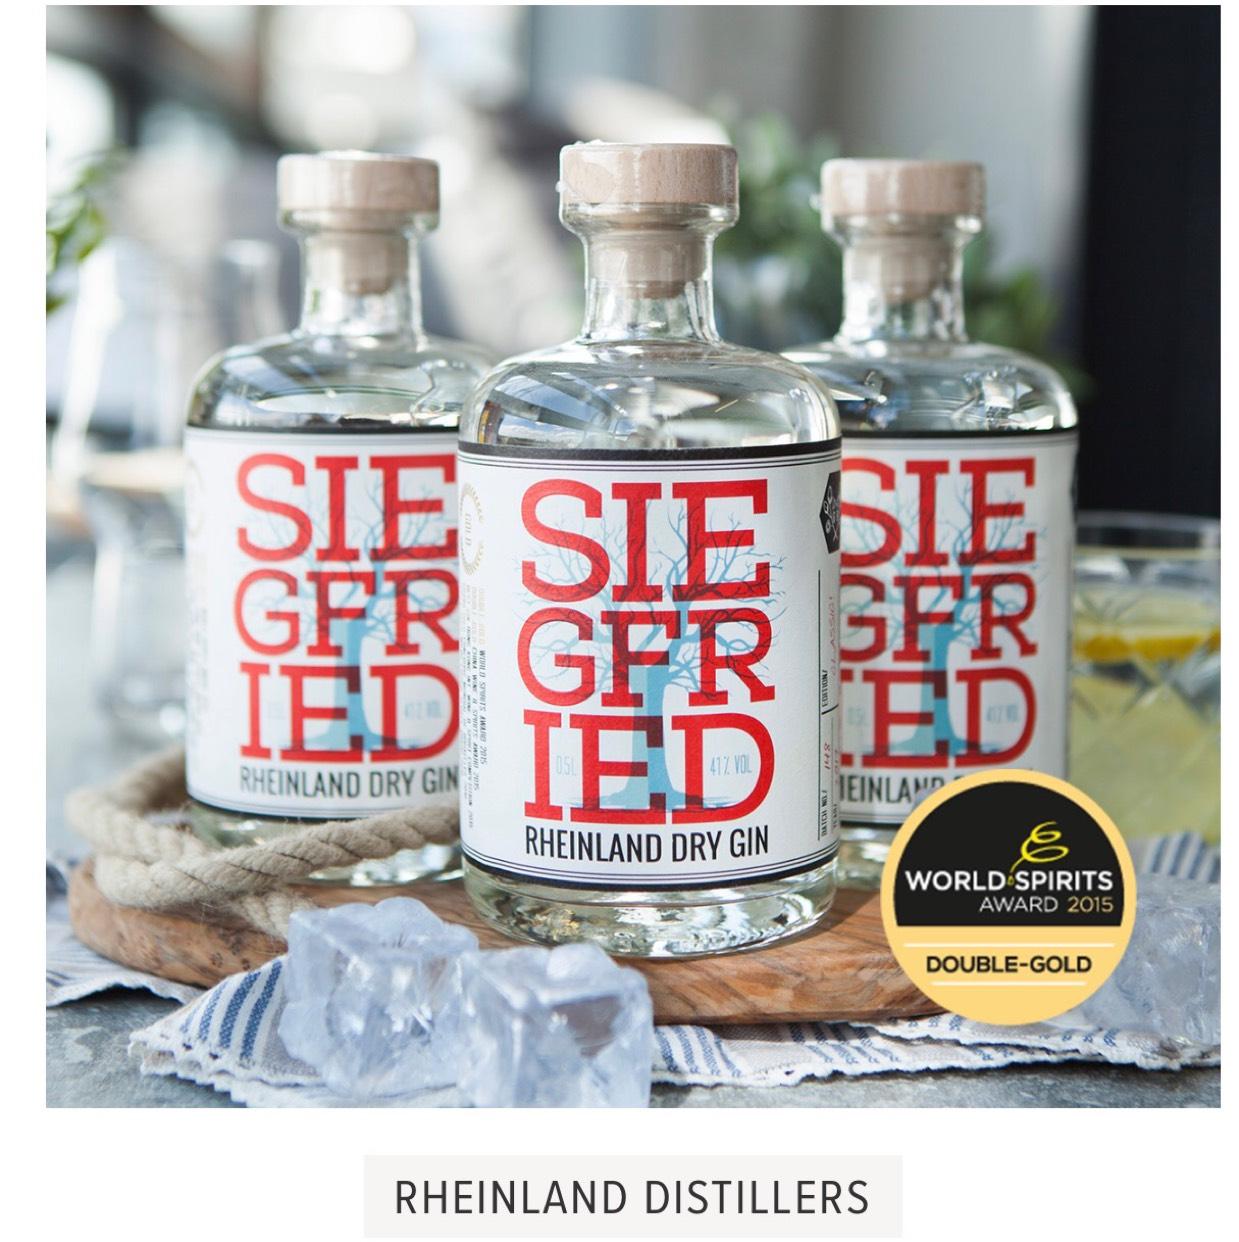 Siegfried Dry Gin: für unschlagbare 21,22€/Flasche ( mit Rabattcode )bei Kauf von 3 Flaschen für 63,66€... mehrmals ausgezeichnet